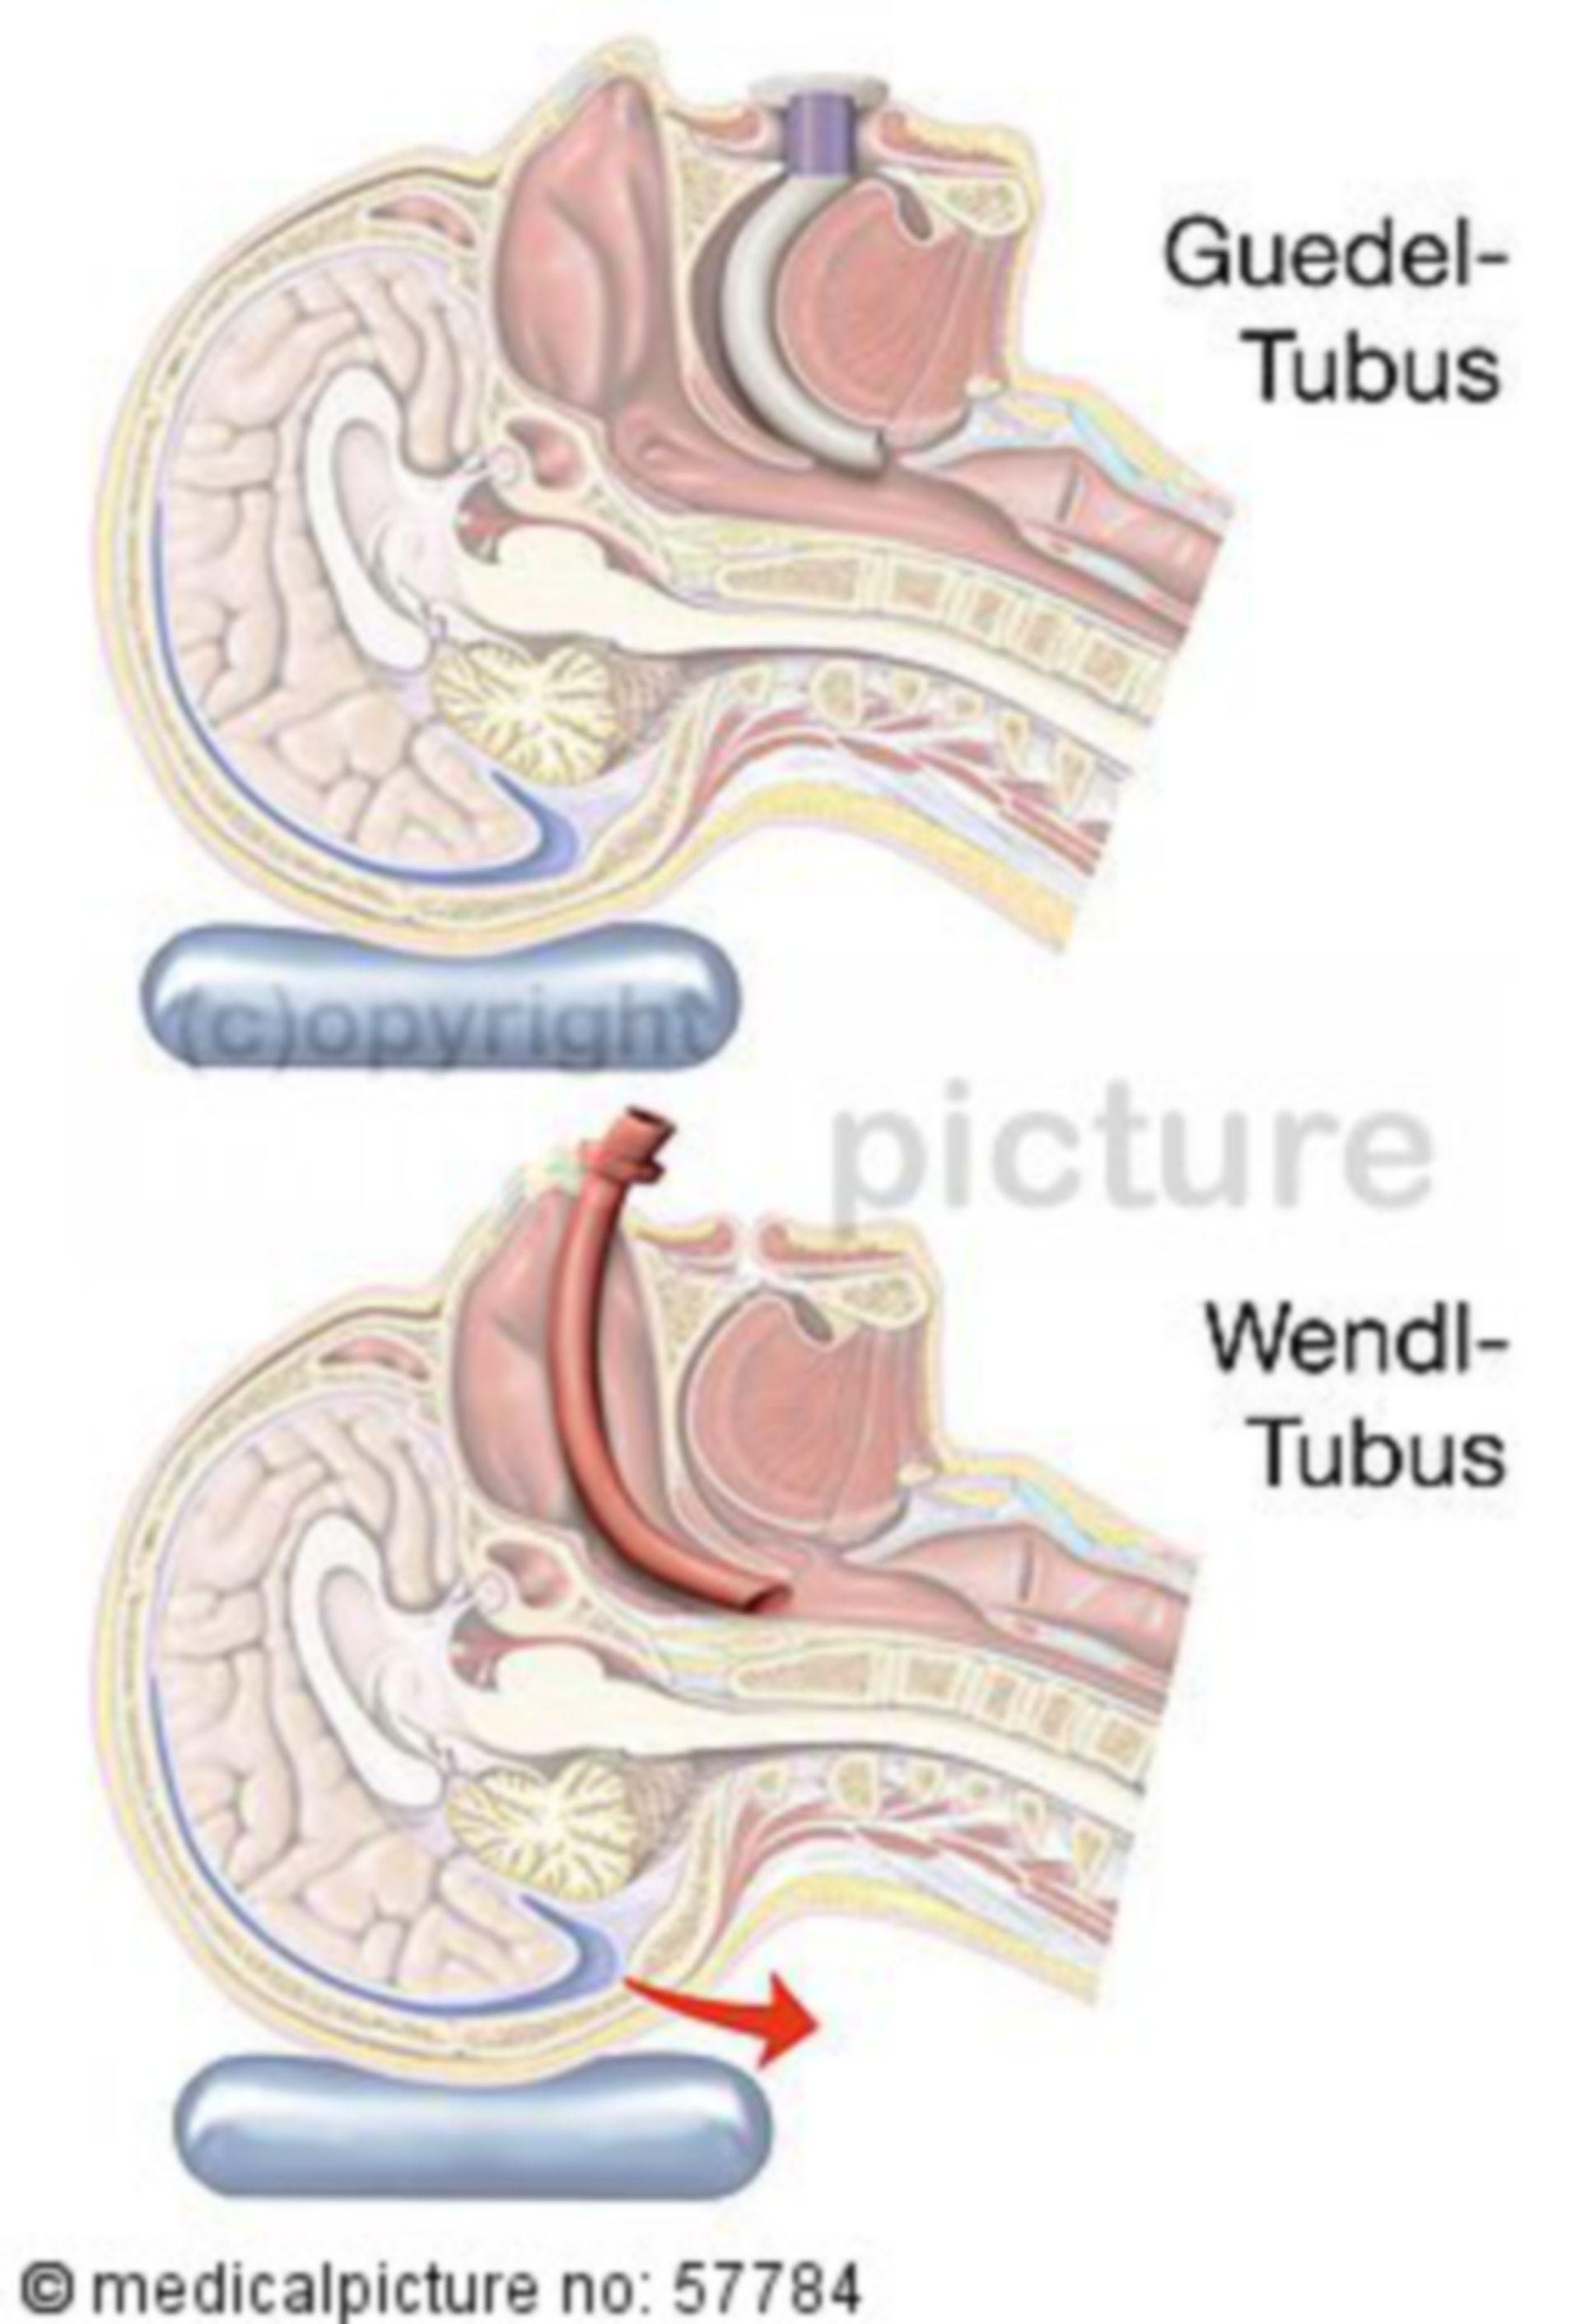 Vergleich von Guedel- und Wendle-Tubus